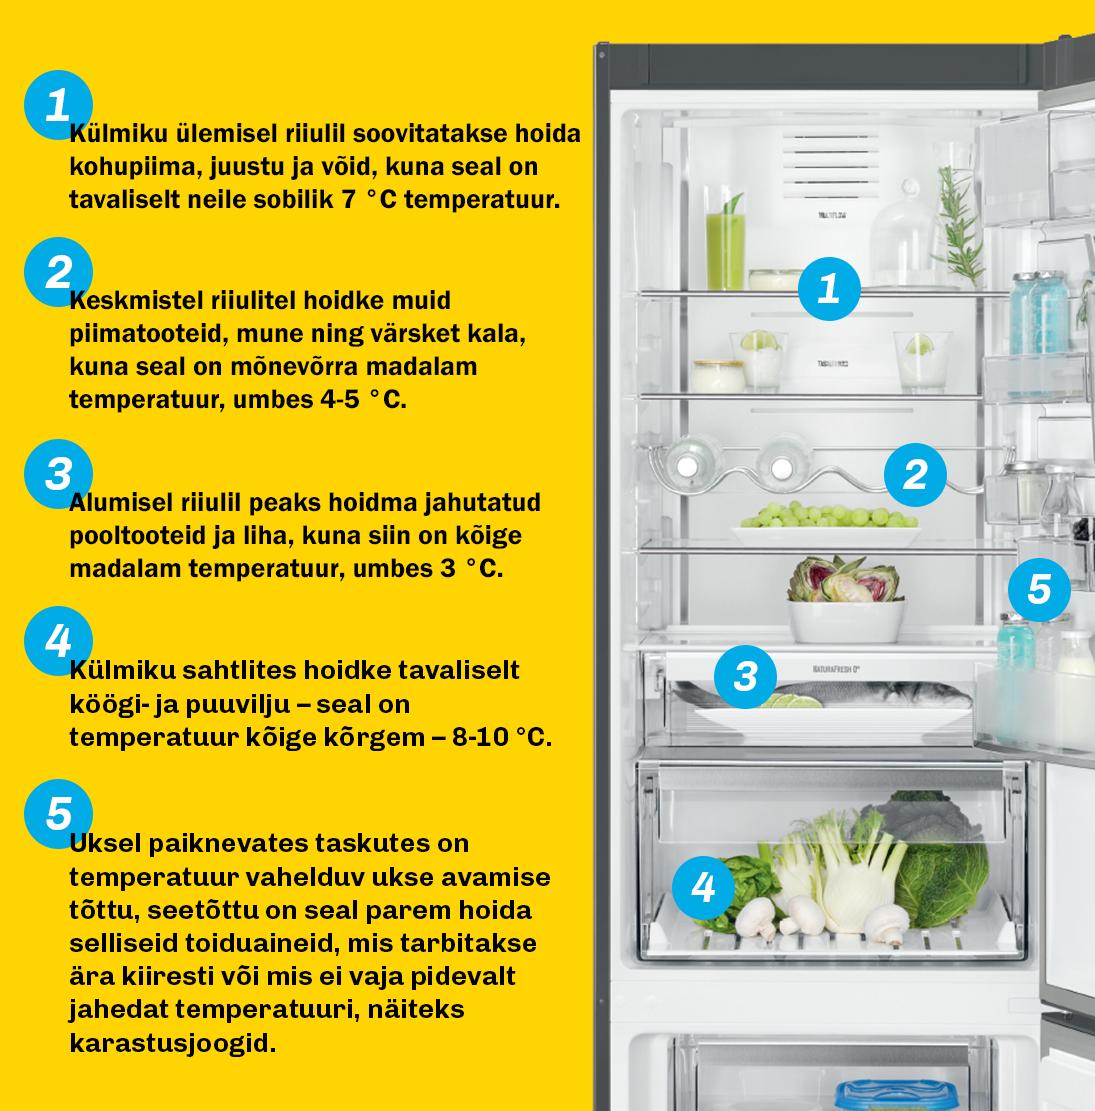 f9082ba04cc Kuidas toitu hoiustada ning milline on temperatuur külmkapi erinevates  osades, saad lugeda all olevalt graafikult.